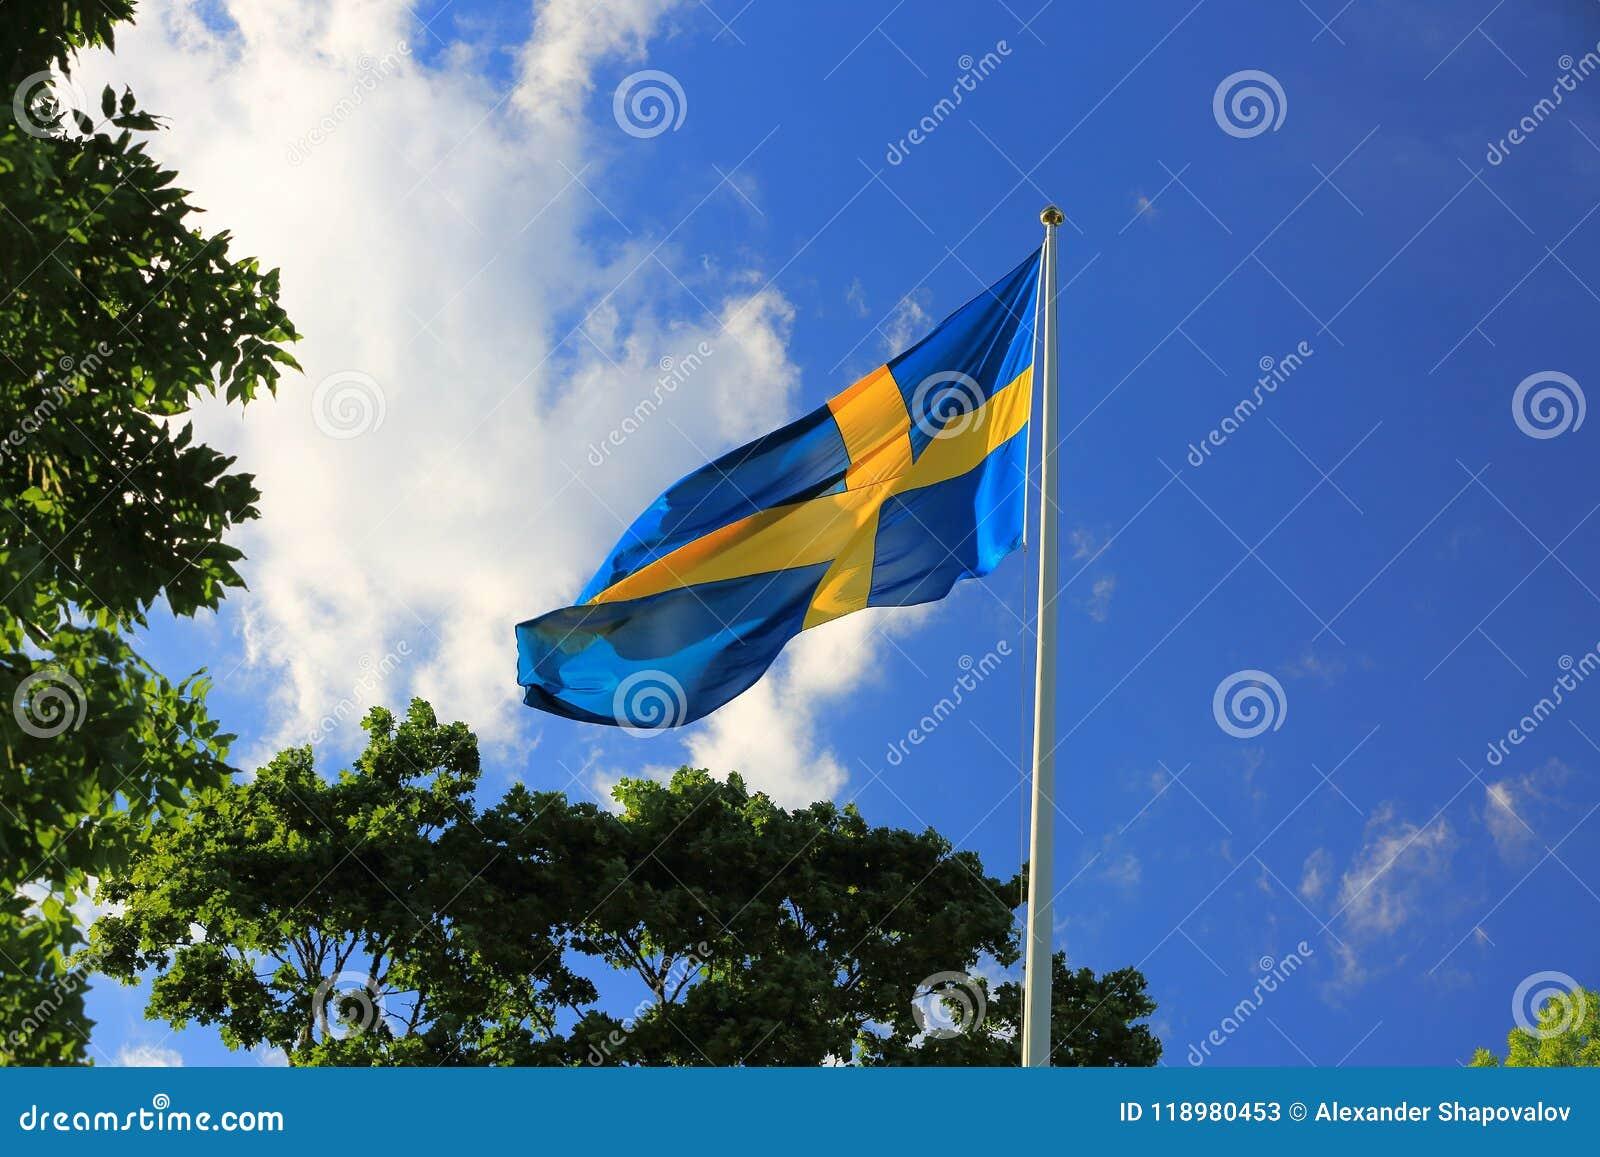 La hermosa vista de la bandera sueca en árboles verdes y del cielo azul con blanco se nubla el fondo